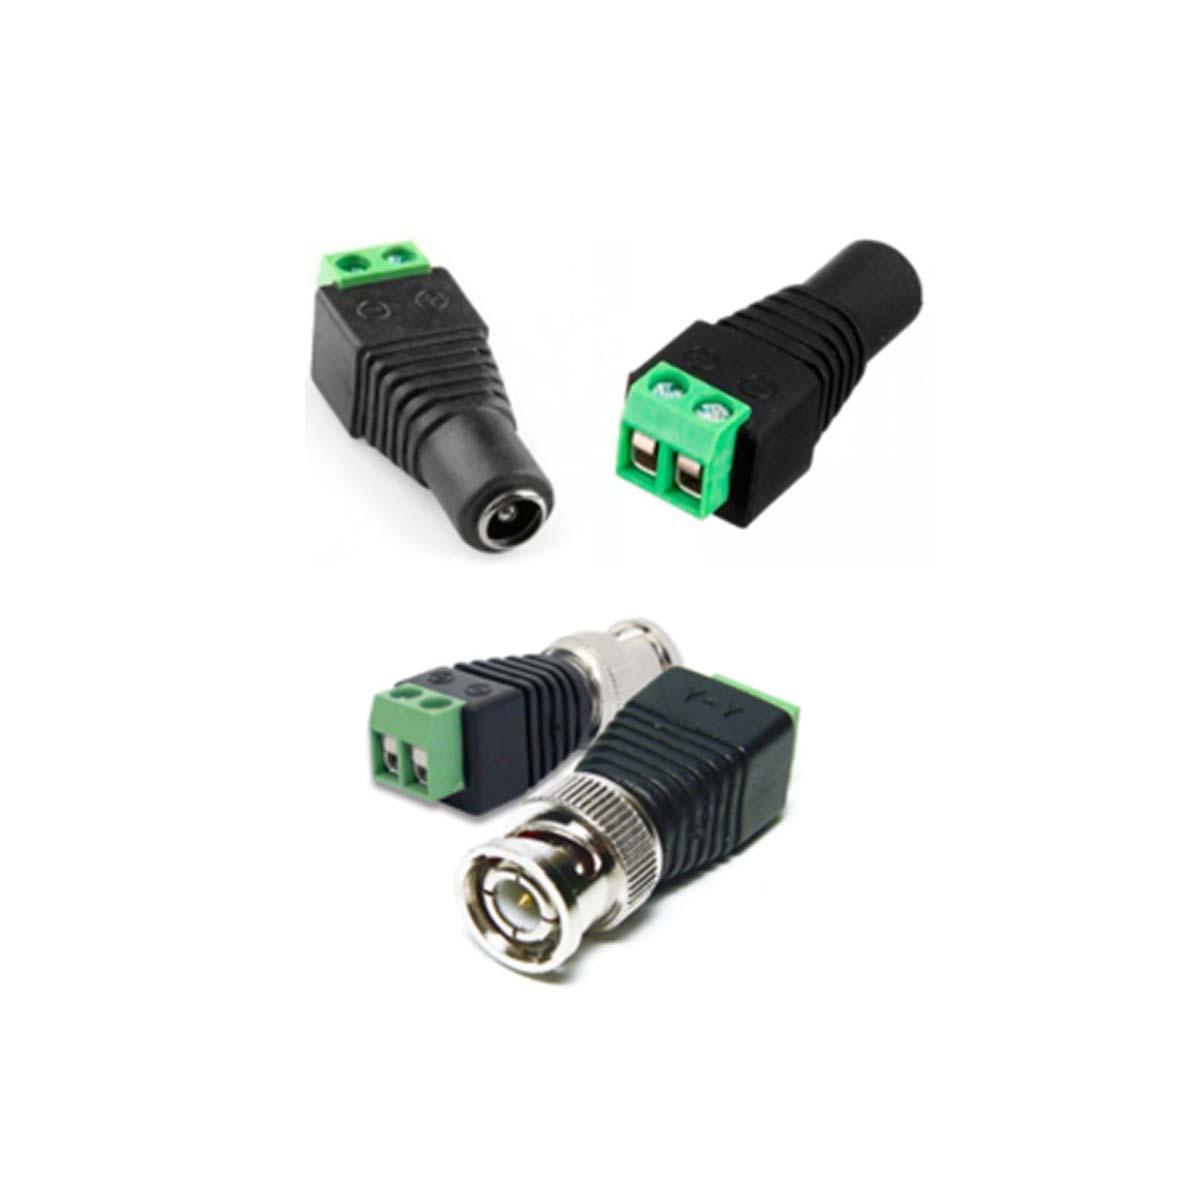 Kit CFTV 08 Câmeras VHD 1120 B G6 + MHDX 1116 C/ HD 2TB + Acessórios